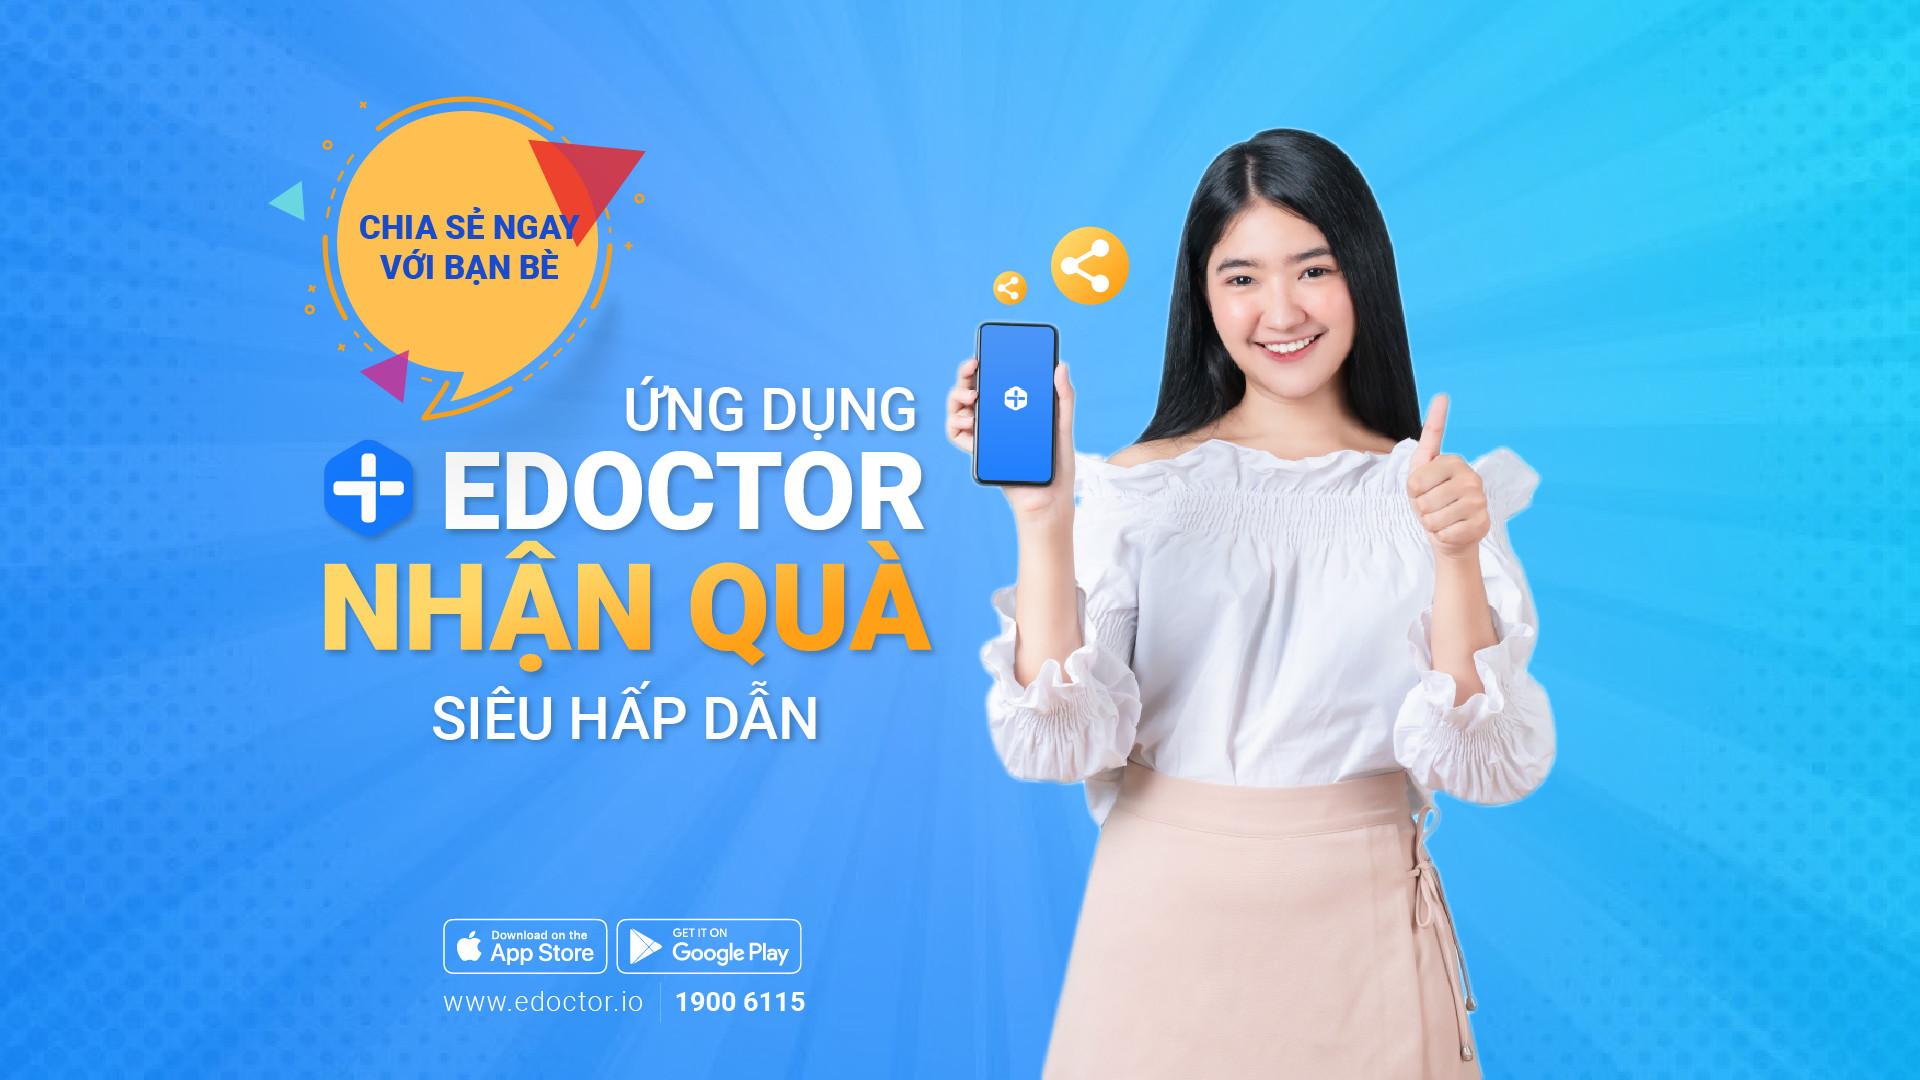 eDoctor - Mời bạn bè tải app - Rinh quà bất ngờ cùng eDoctor